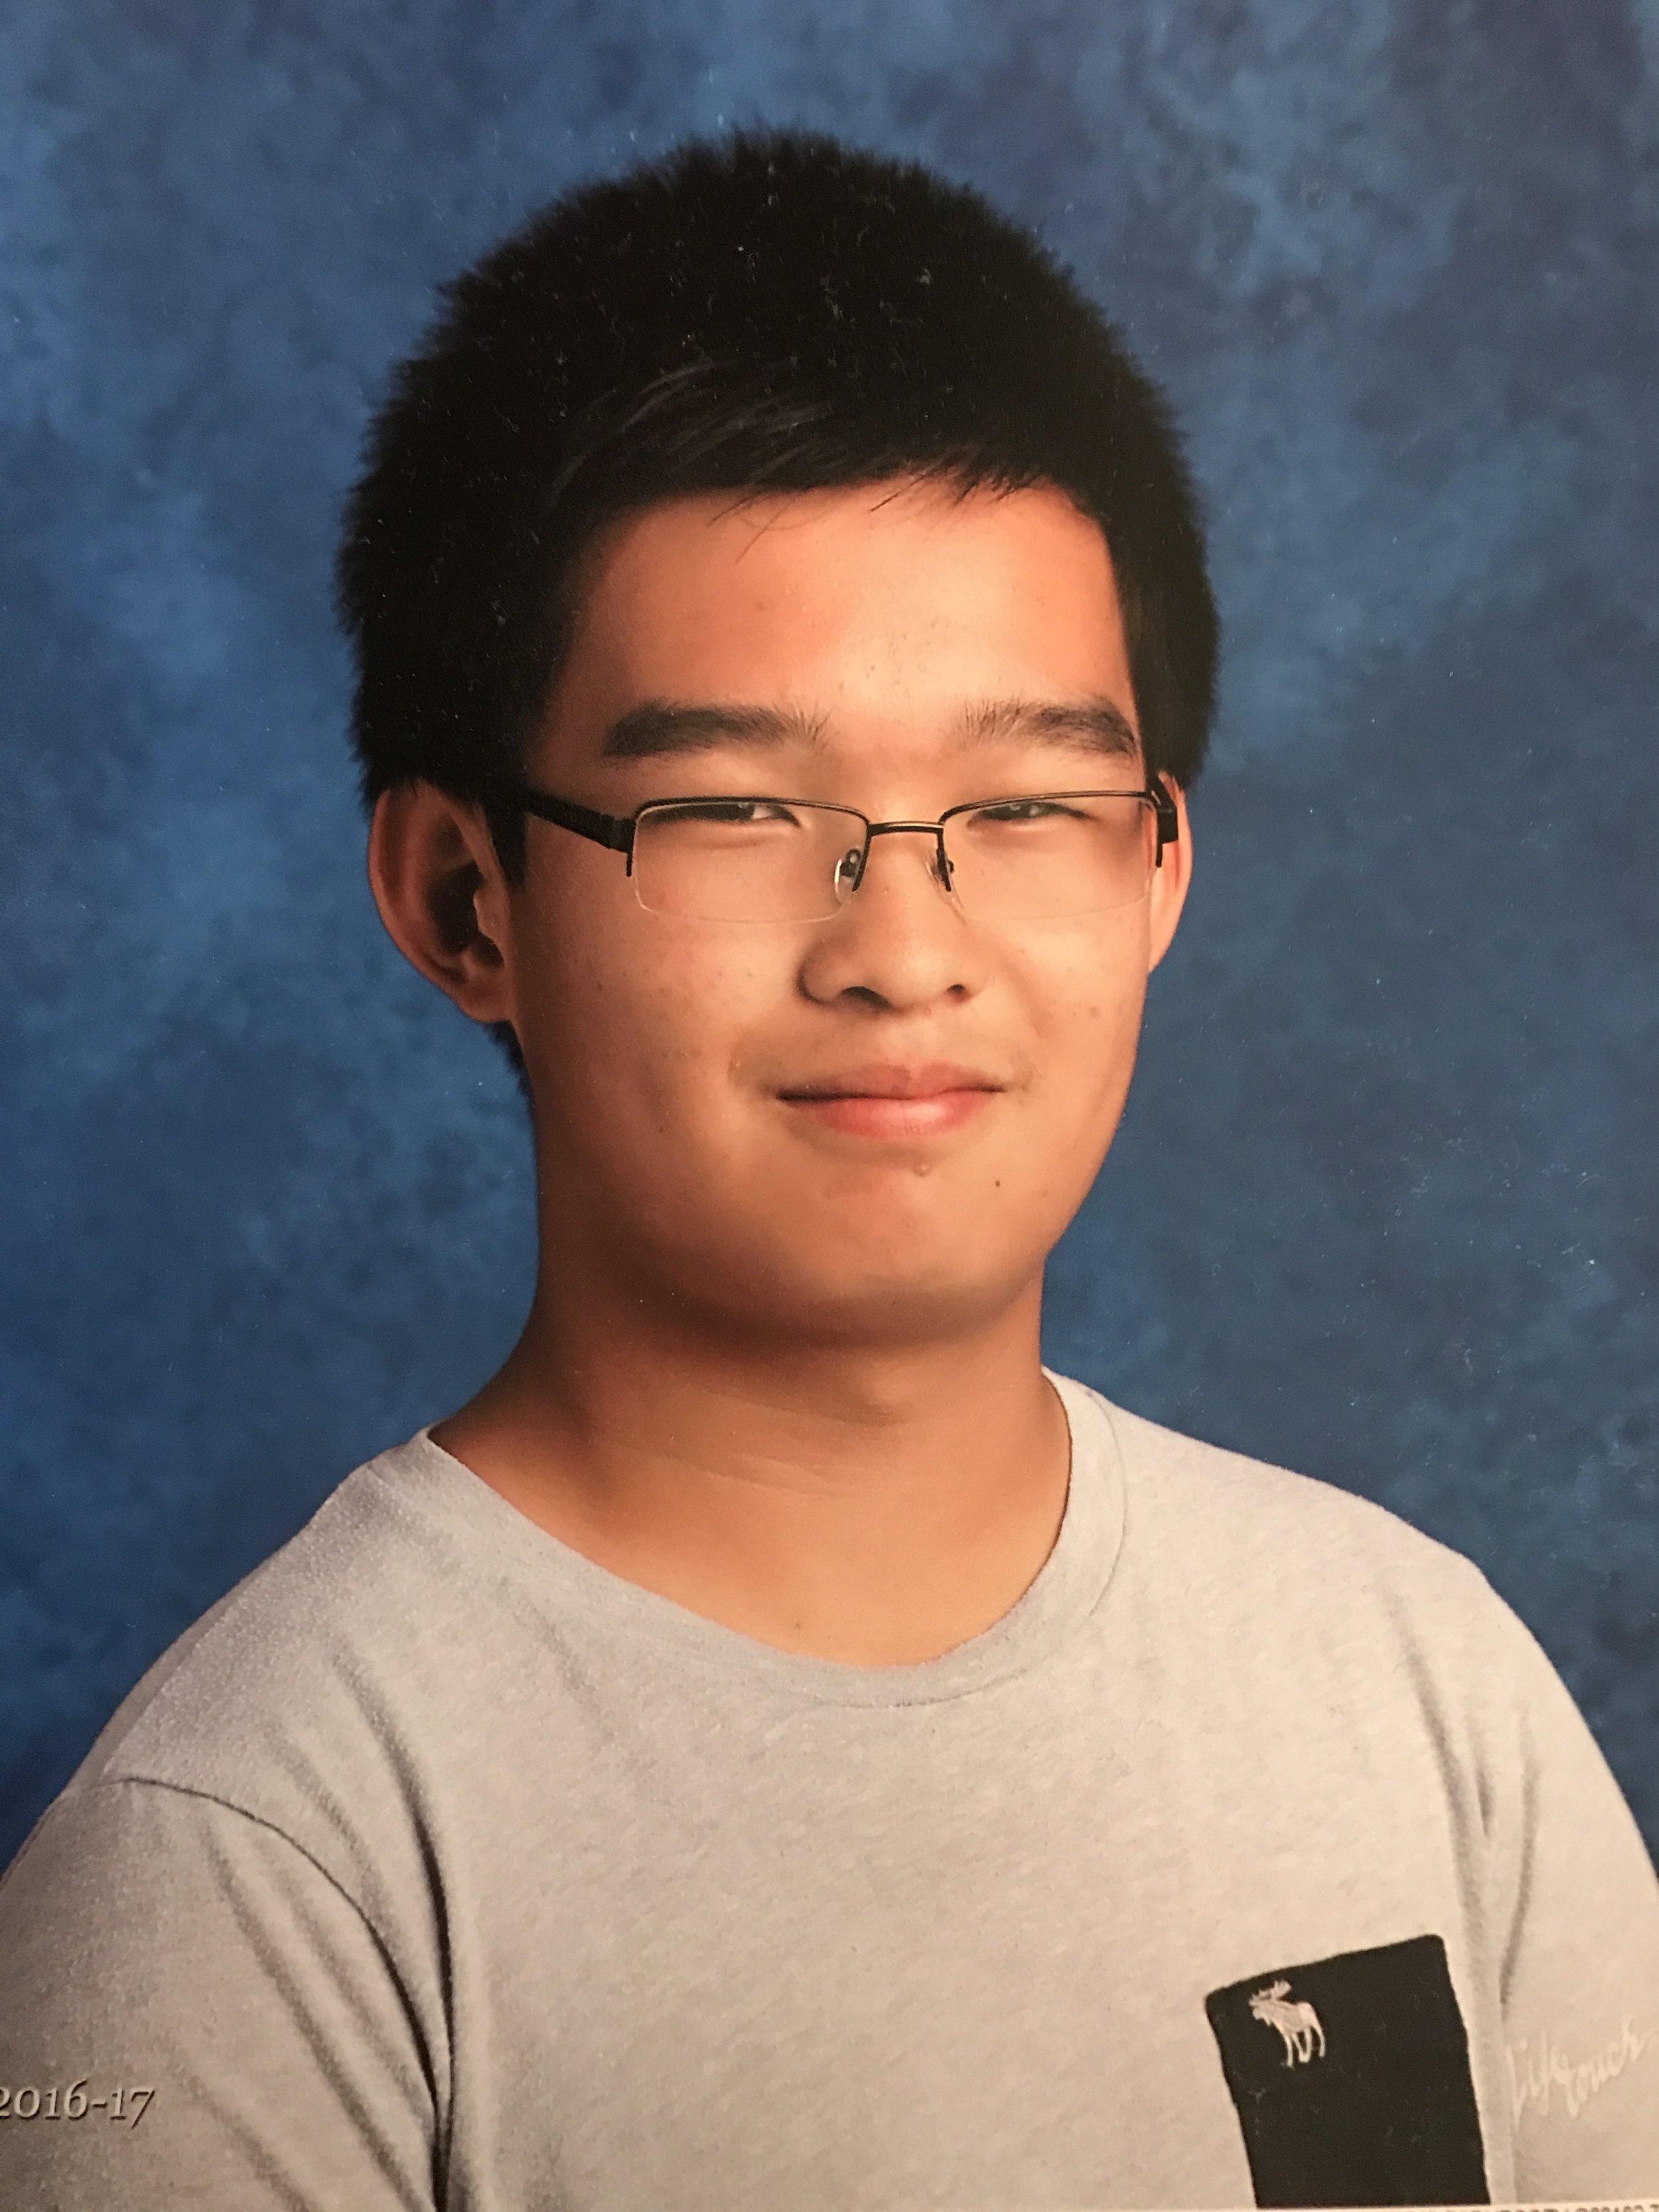 Michael Zhou, PA Student of Anna Kislitsyna